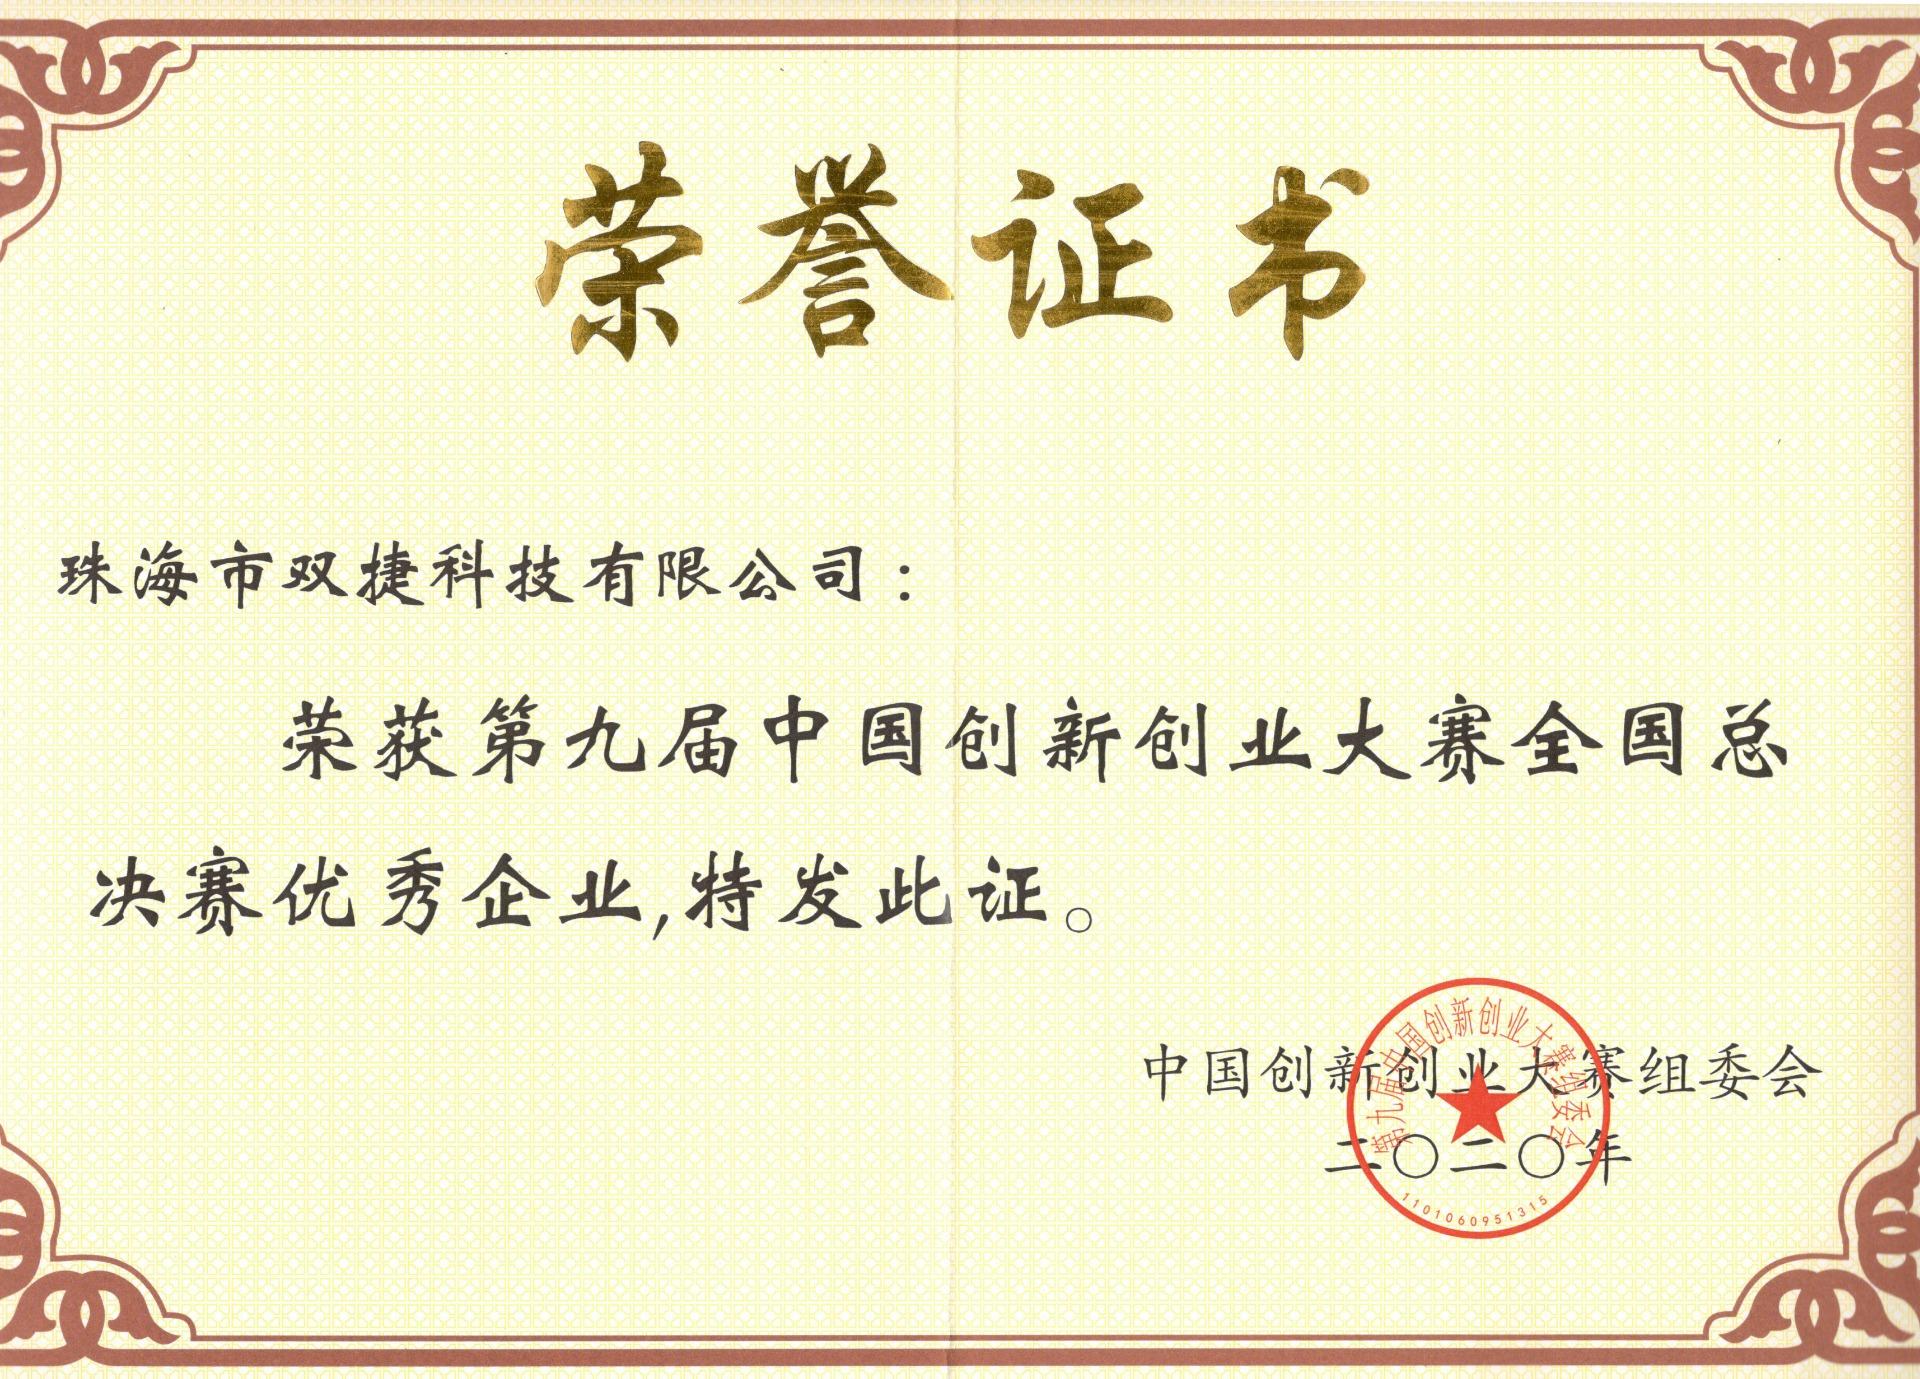 证书-第九届中国创新创业大赛全国总决赛优秀企业-1